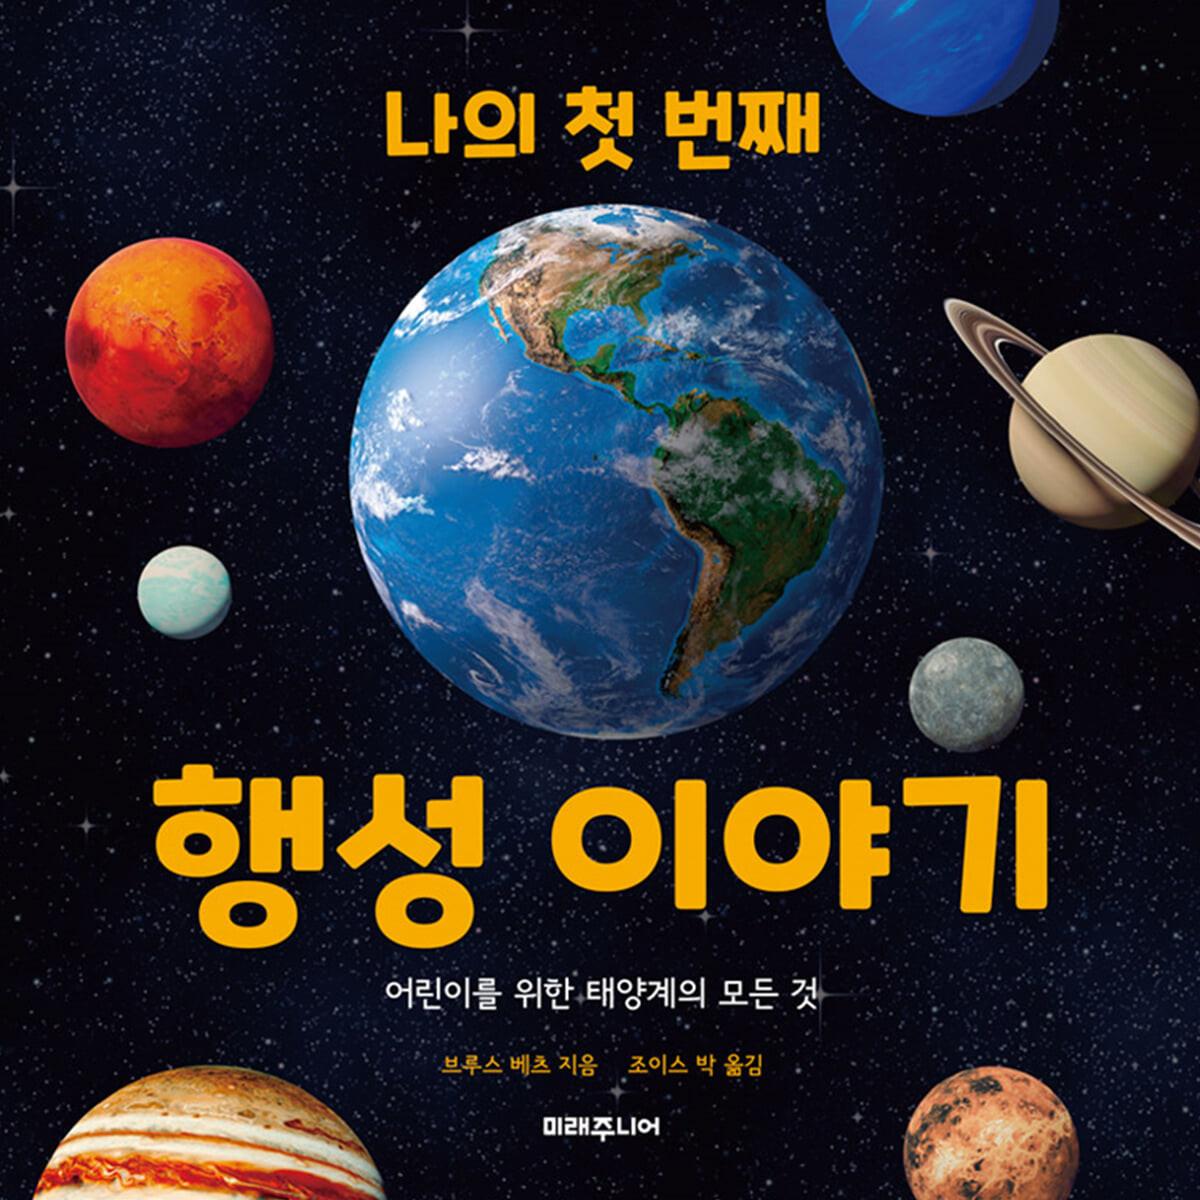 나의 첫 번째 행성 이야기